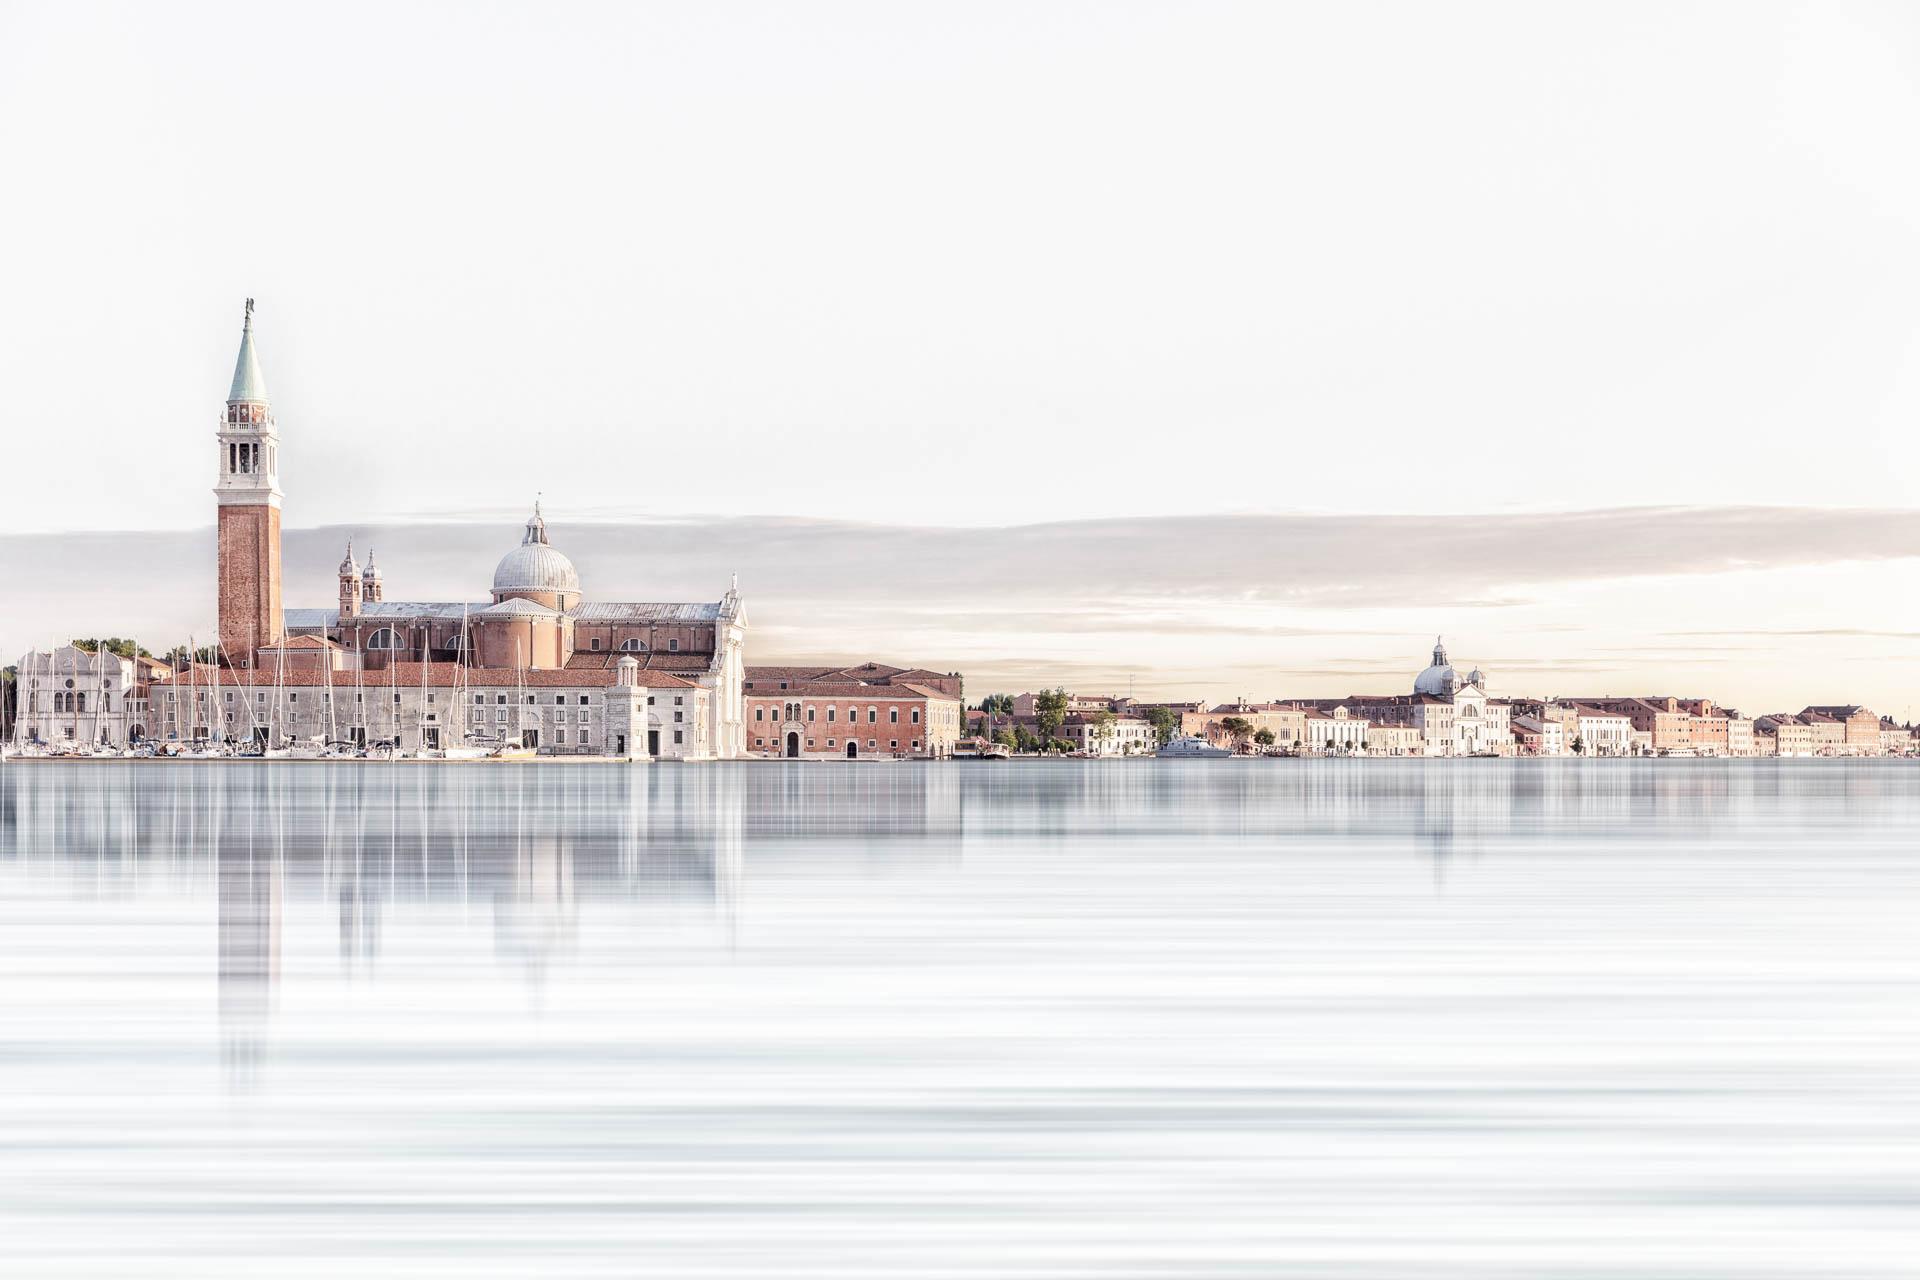 Bacino de San Marco III